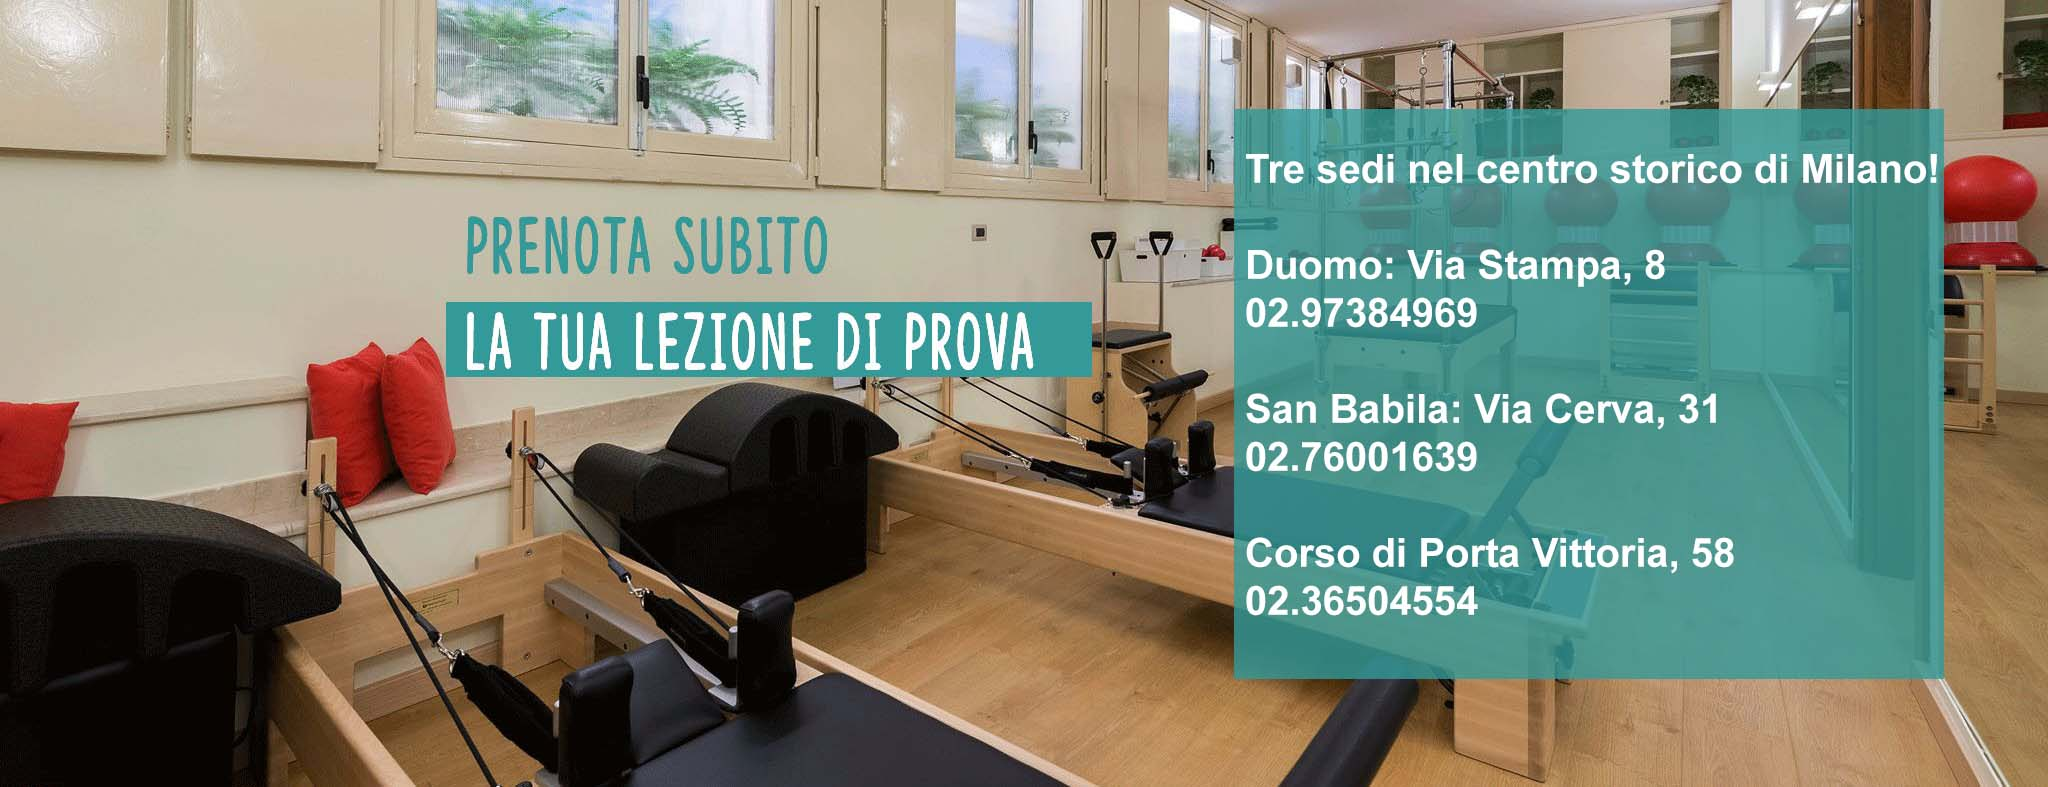 Pilates Bande Nere Milano - Prenota subito la tua lezione di prova